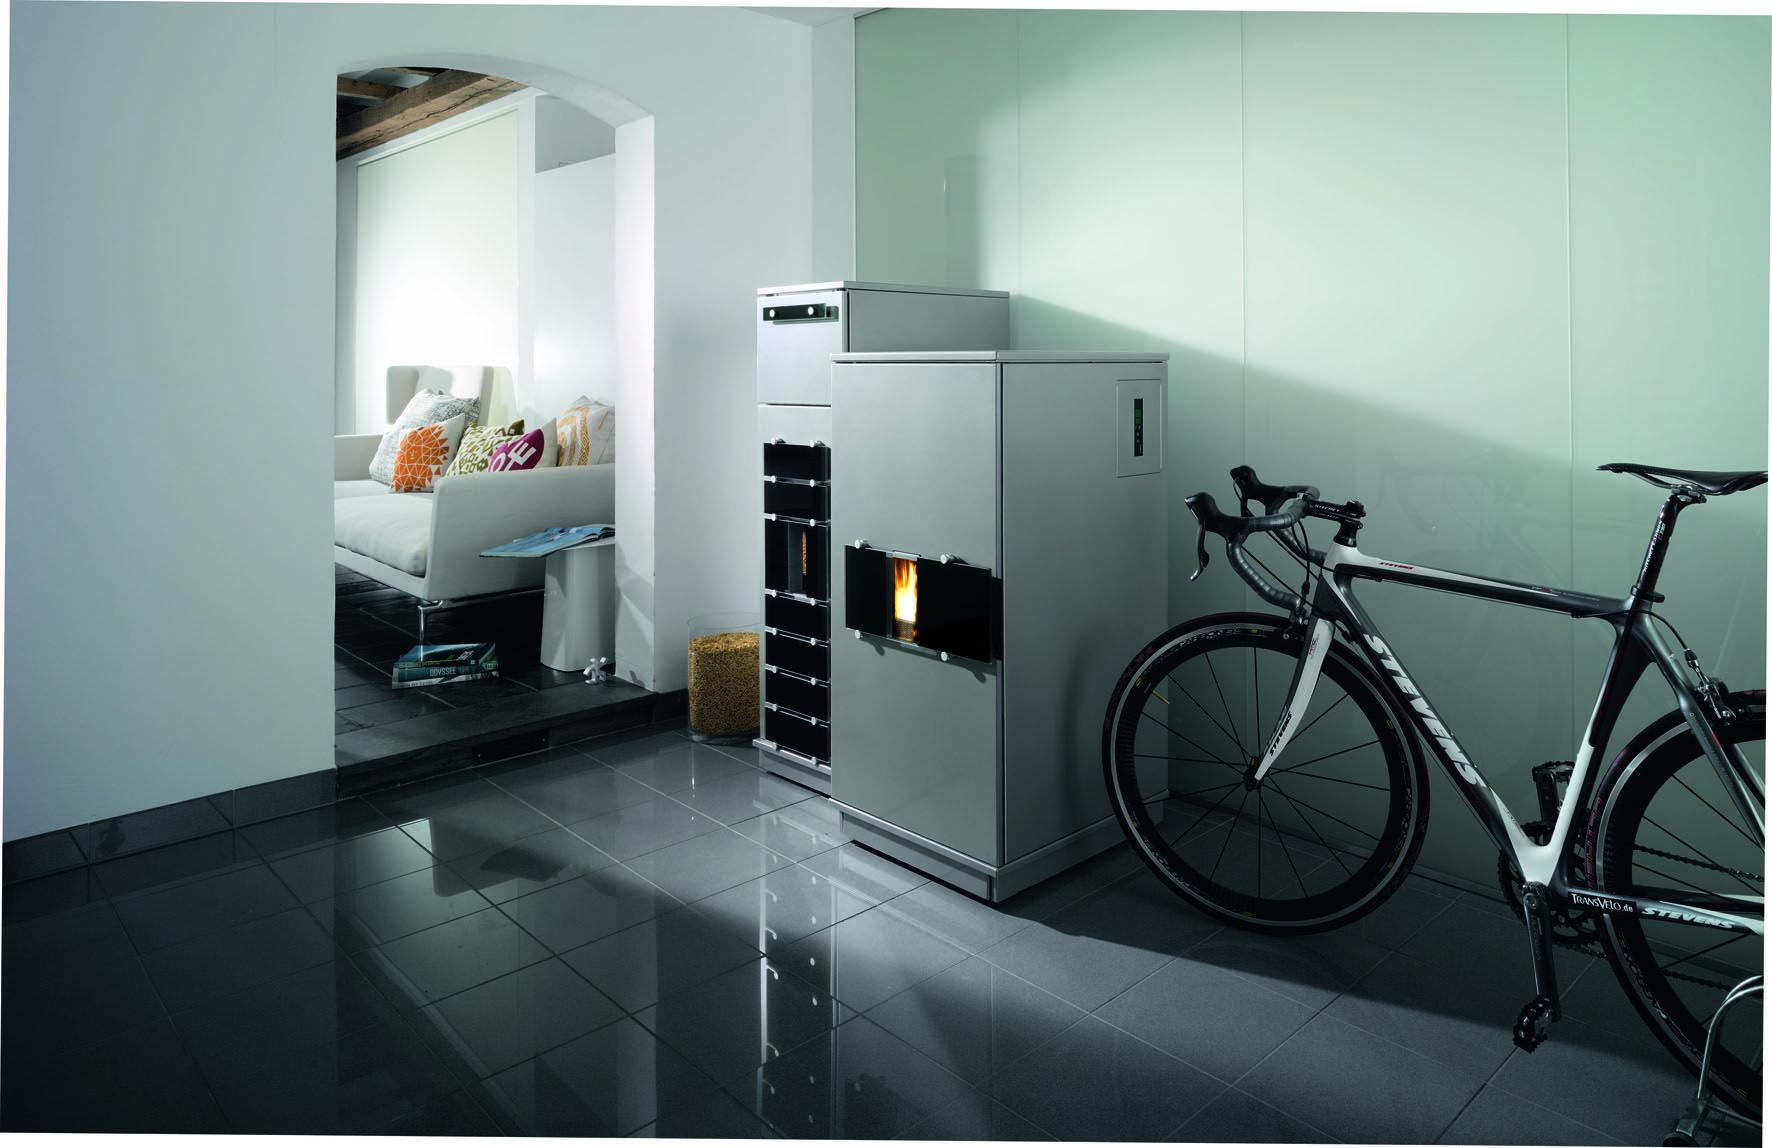 wodtke pelletofen wodtke pelletofen pinterest water. Black Bedroom Furniture Sets. Home Design Ideas